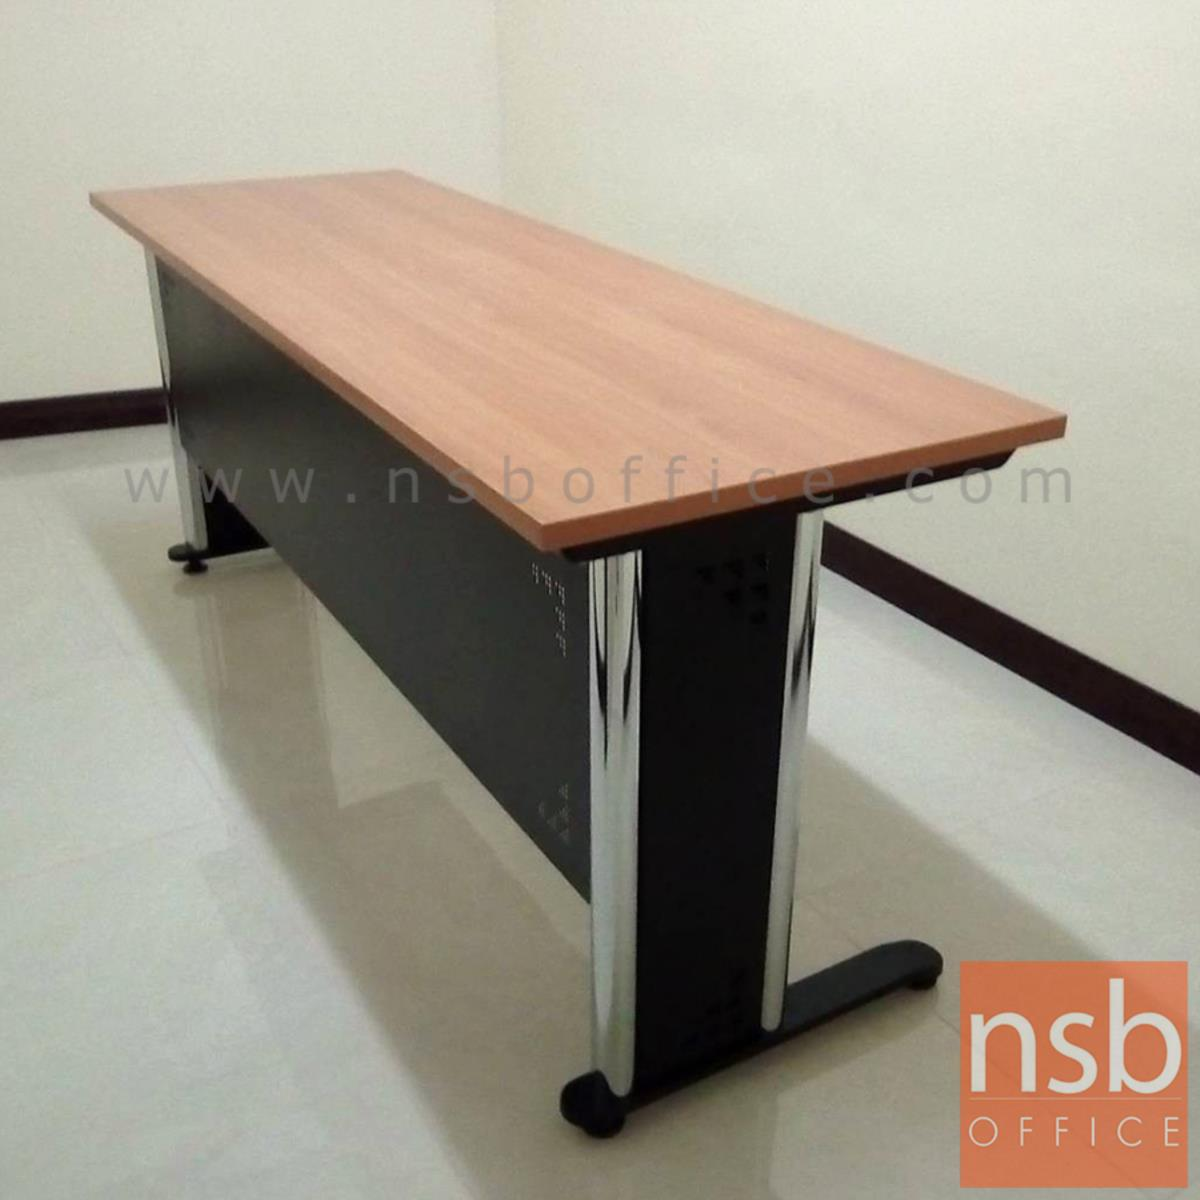 โต๊ะประชุมตรง  ขนาด 80W ,120W ,150W ,180W ,210W cm. พร้อมบังตาเหล็กทำลวดลาย ขาเหล็กตัวแอล